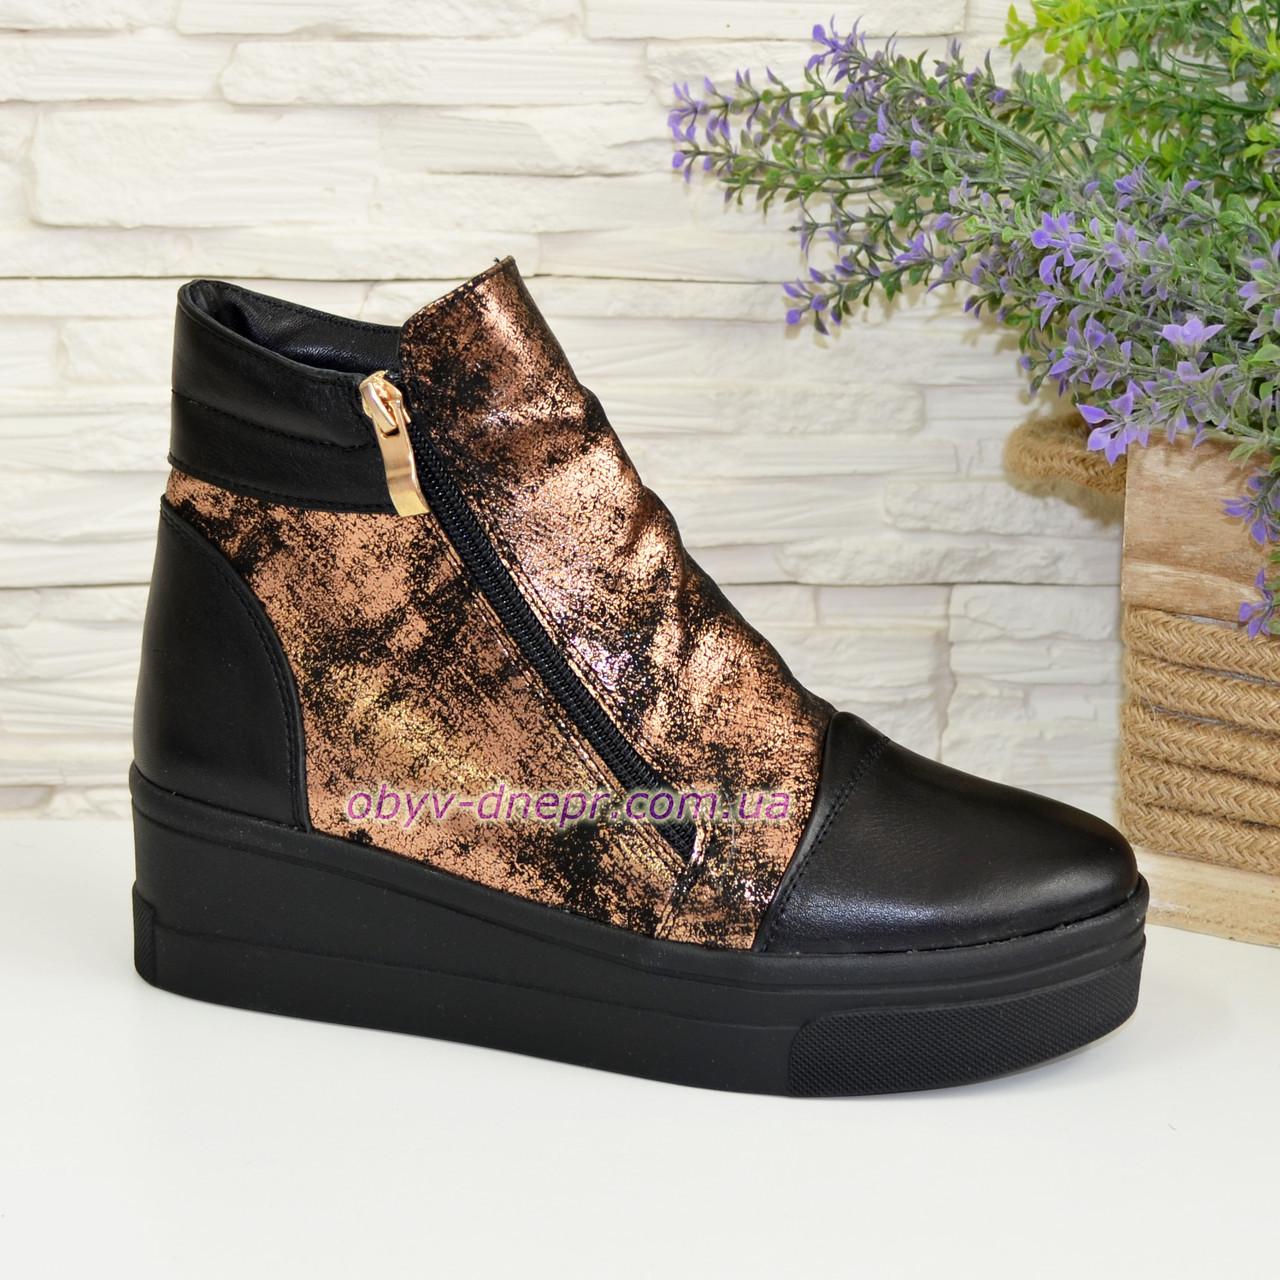 Женские демисезонные ботинки на платформе. 37 размер